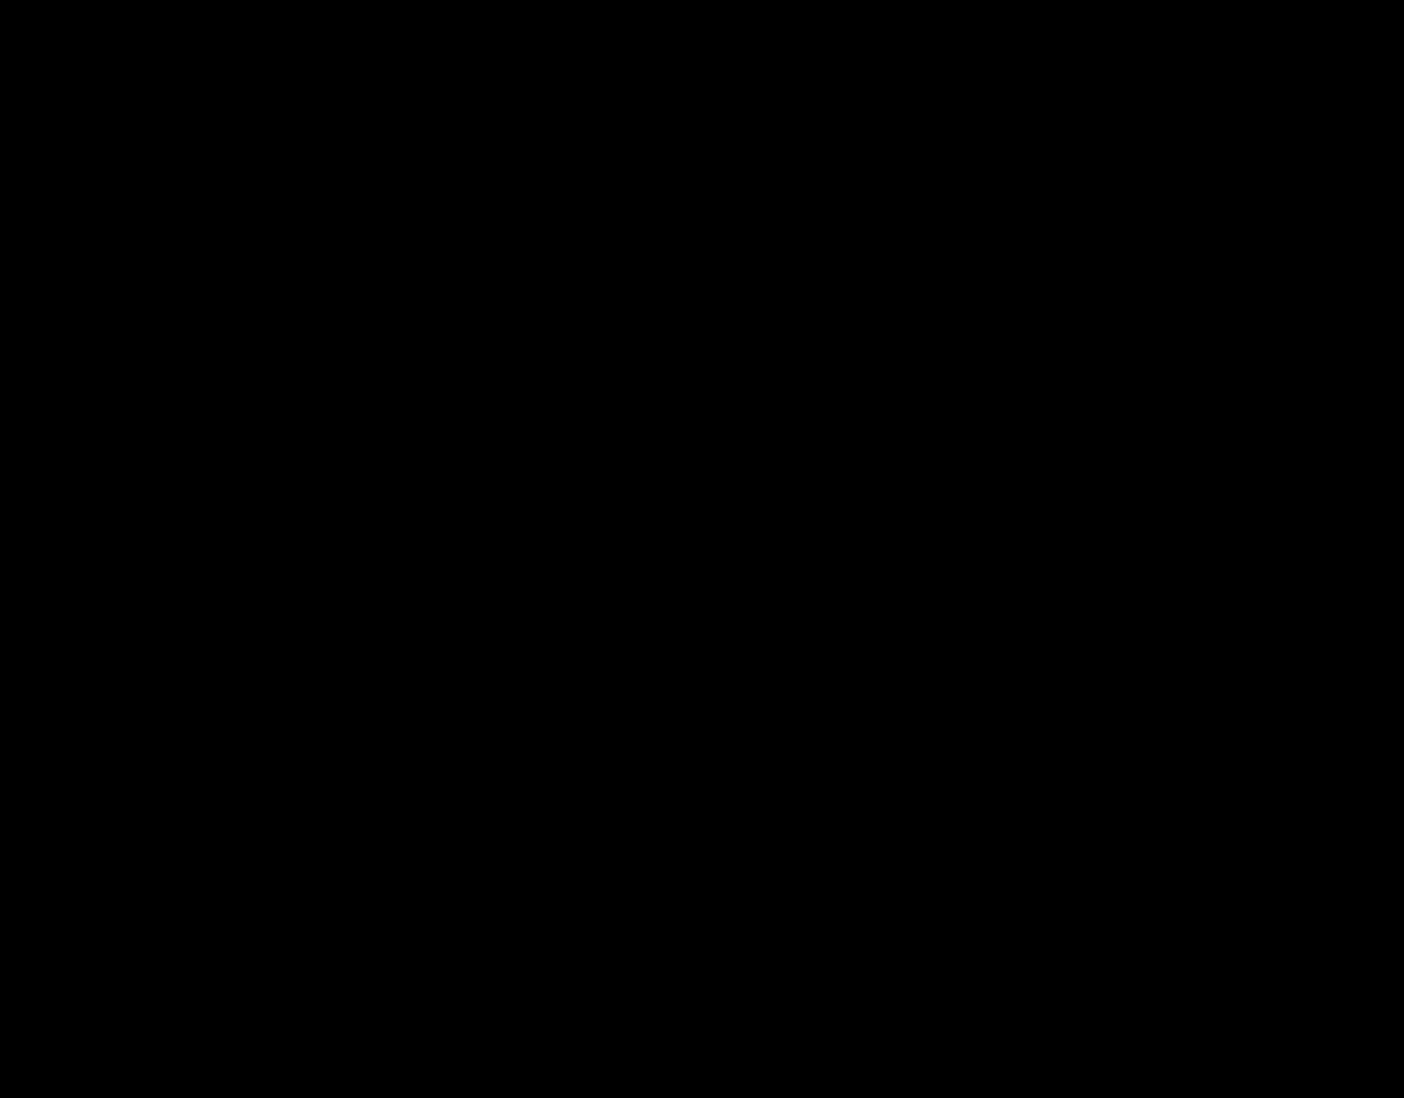 ジャンル別平均単価表